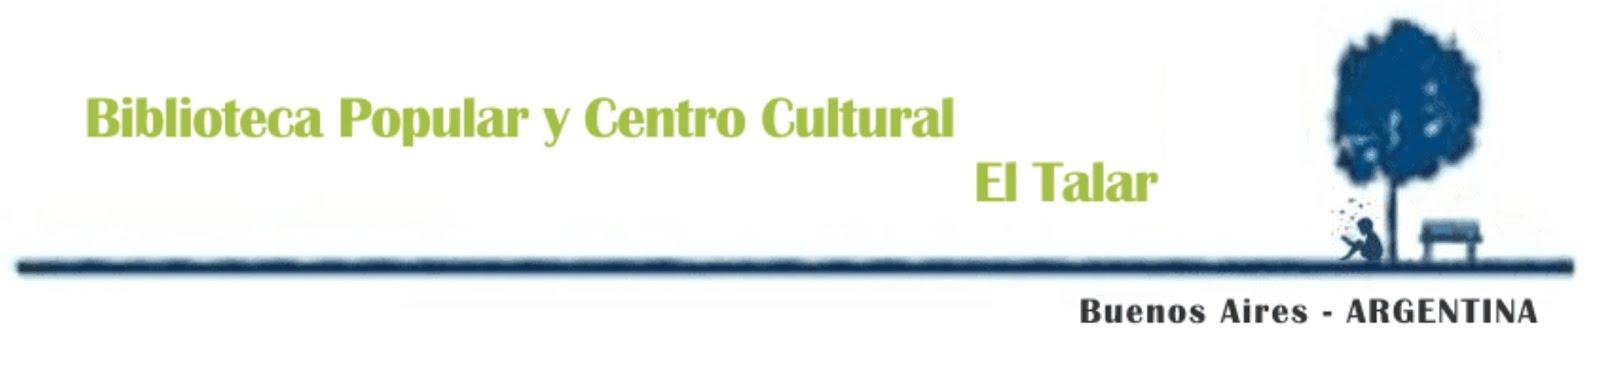 Biblioteca Popular y Centro Cultural El Talar